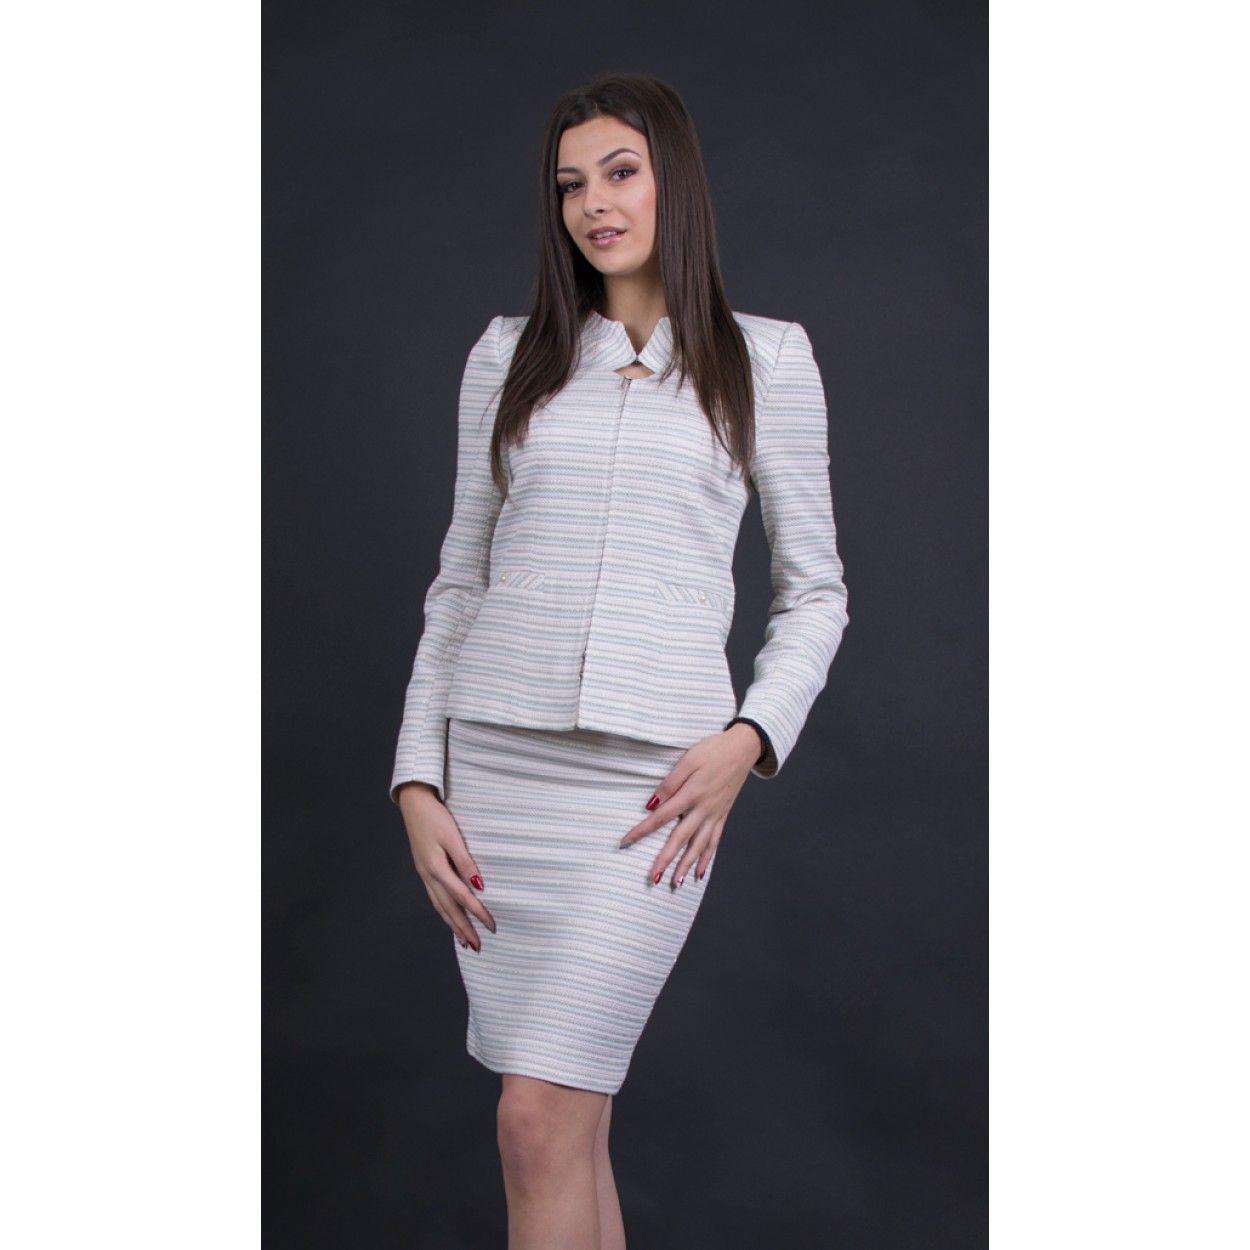 79a873c6fdf Официален дамски костюми с пола, за делови срещи, за офиса, Онлайн магазин  за дамски елегантни, официални костюми с пола, панталон, роля